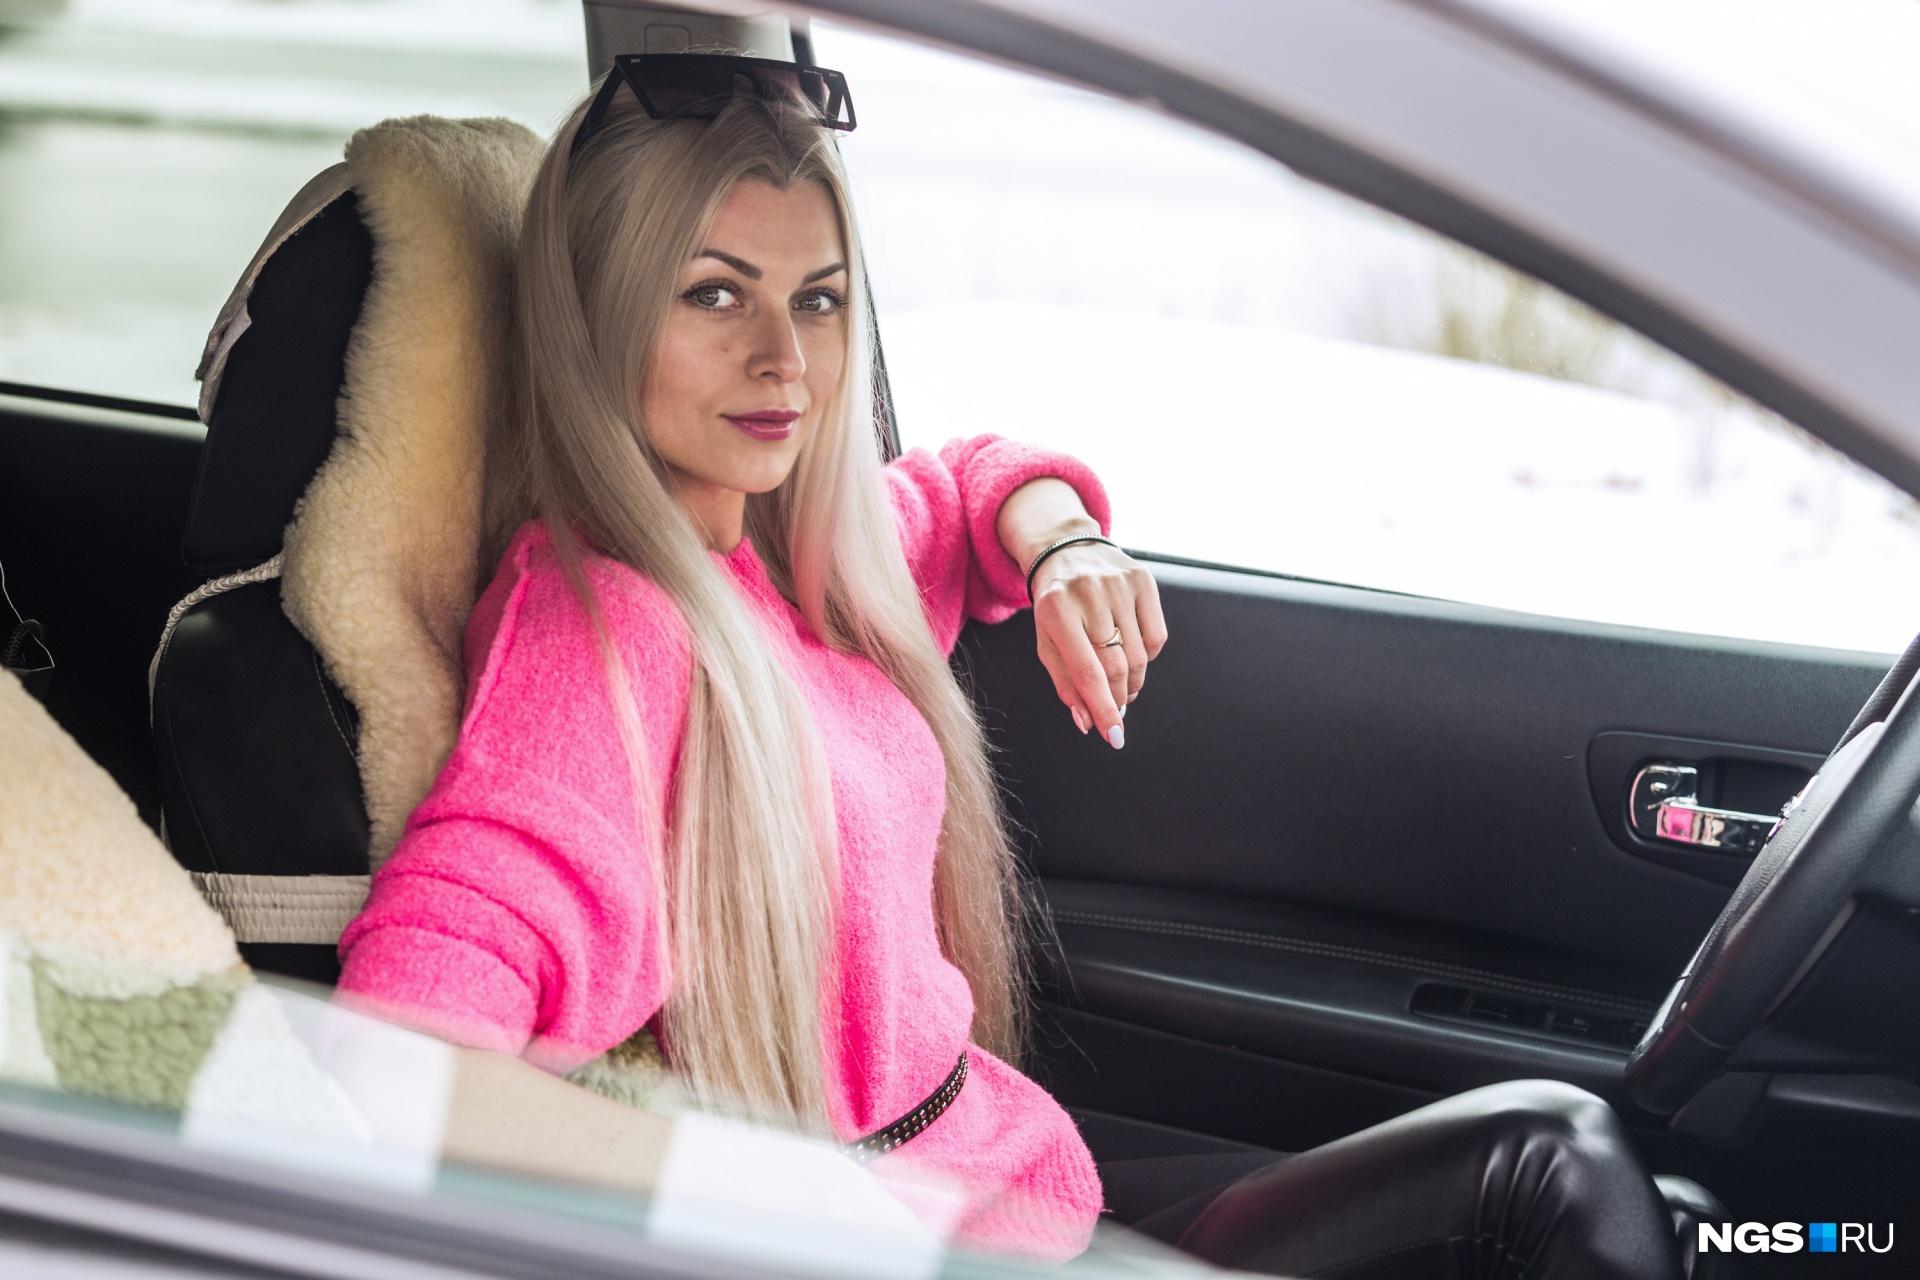 Автохамов Татьяна встречает с улыбкой